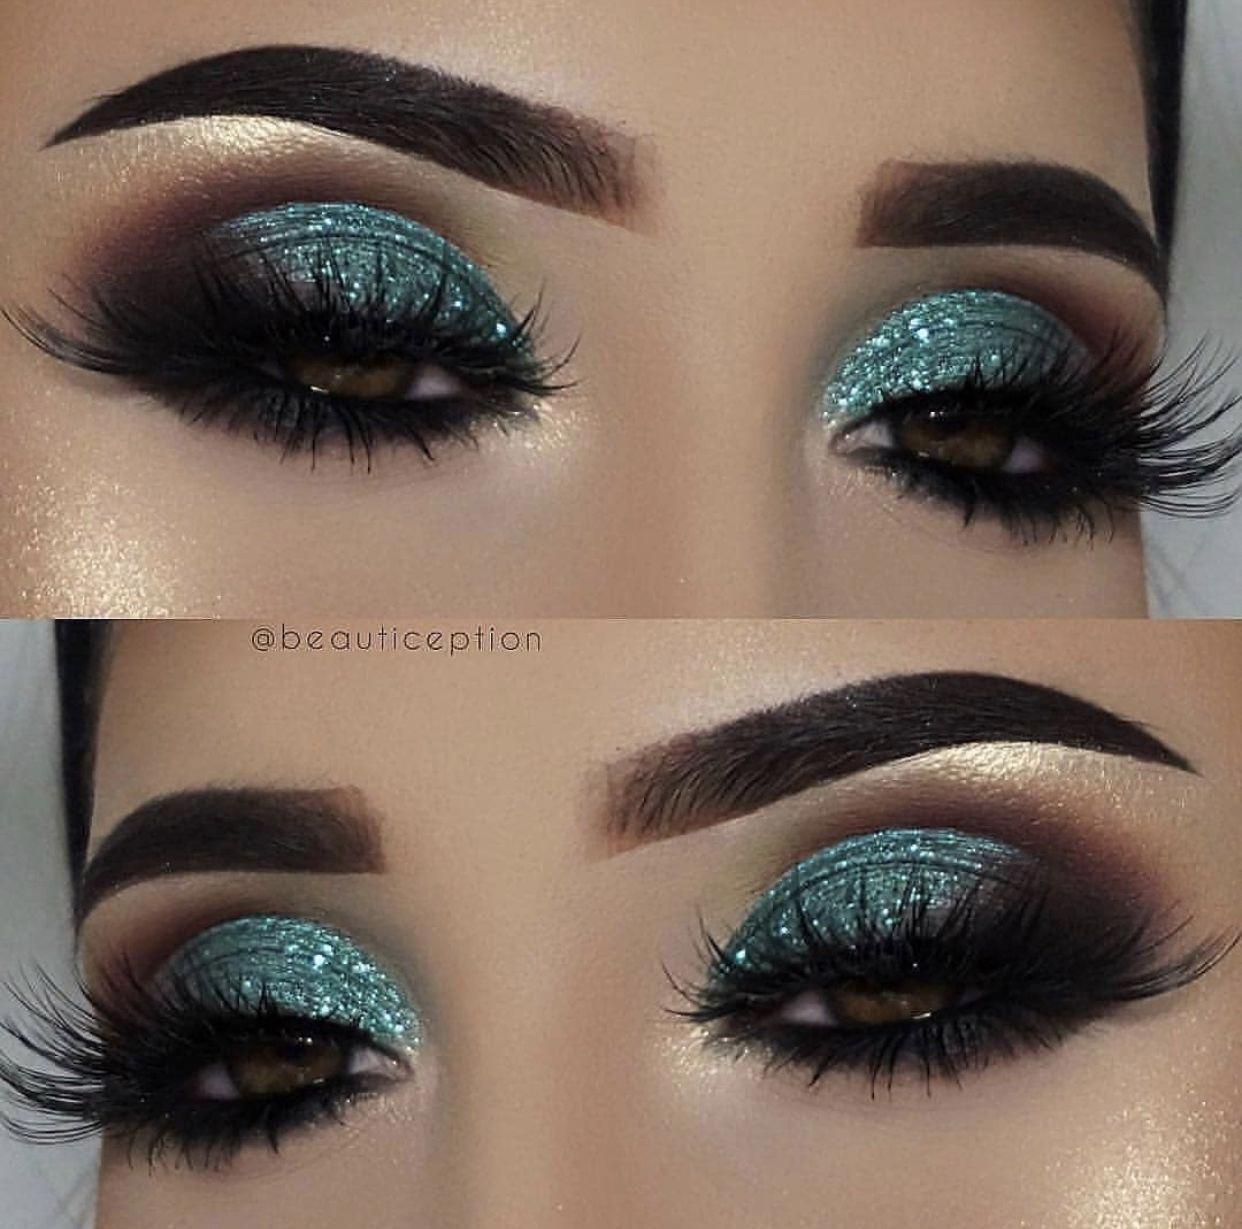 Stylish Eye Makeup Smokeyeyemakeup Oog Make Up Oogschaduw Ogen